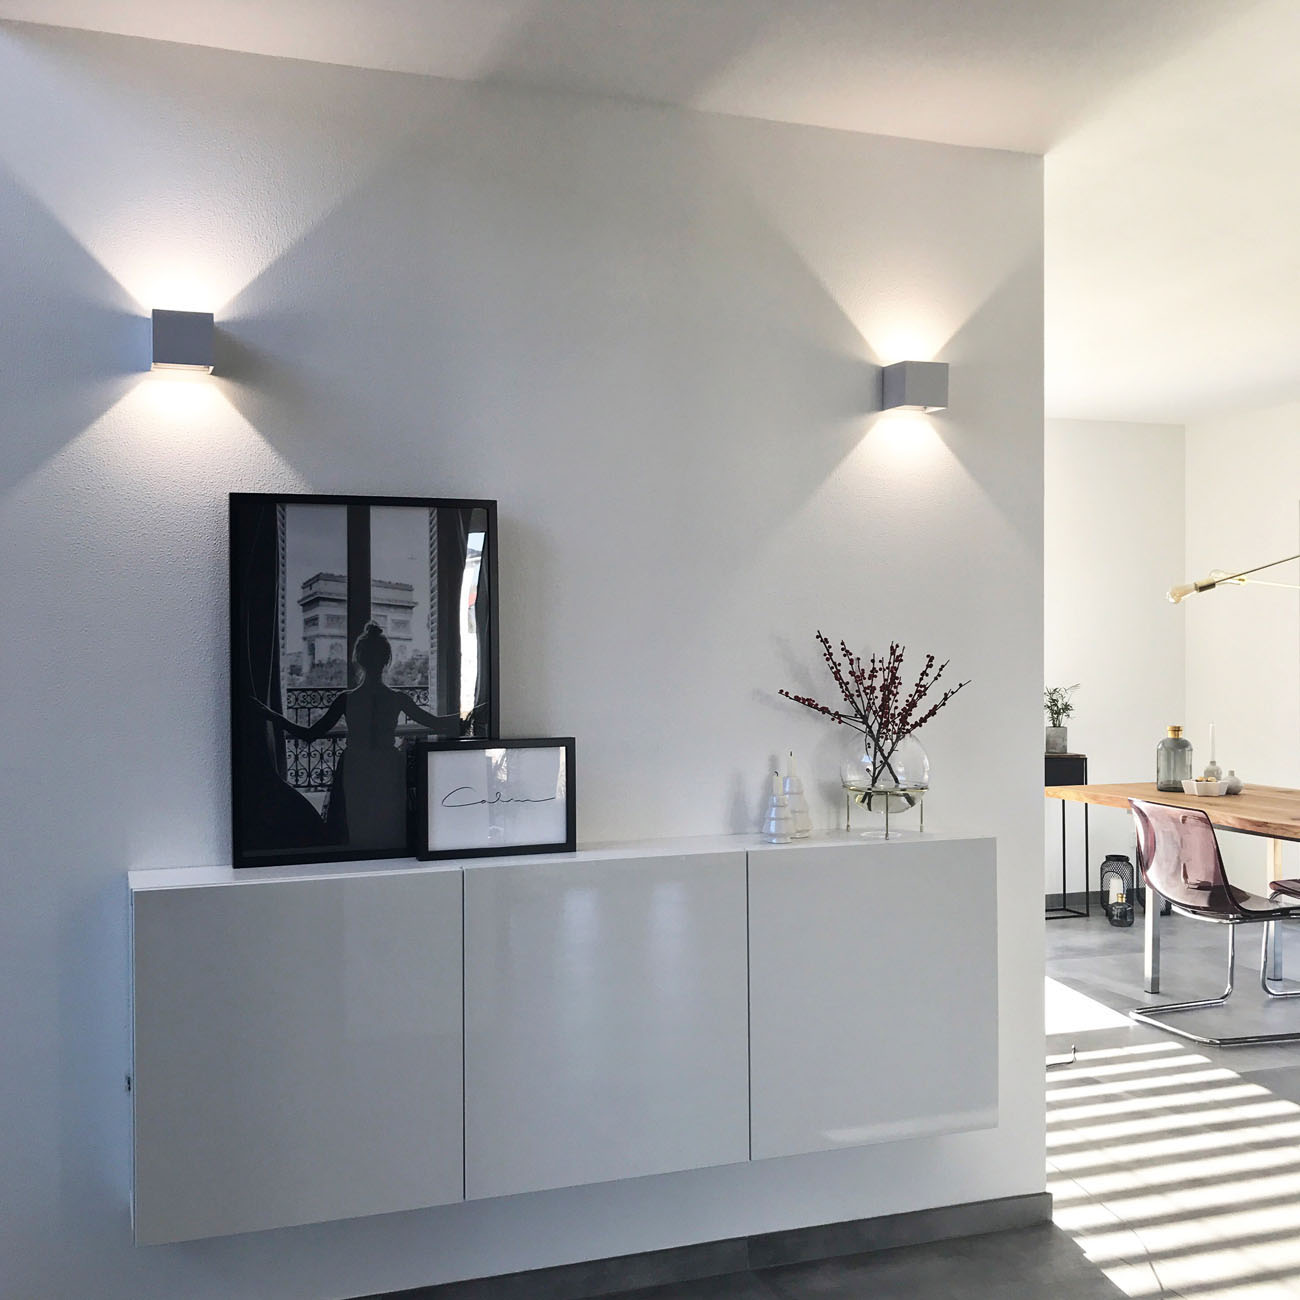 LED Wandleuchte Wandspot für Innen und Außen IP44 - 2